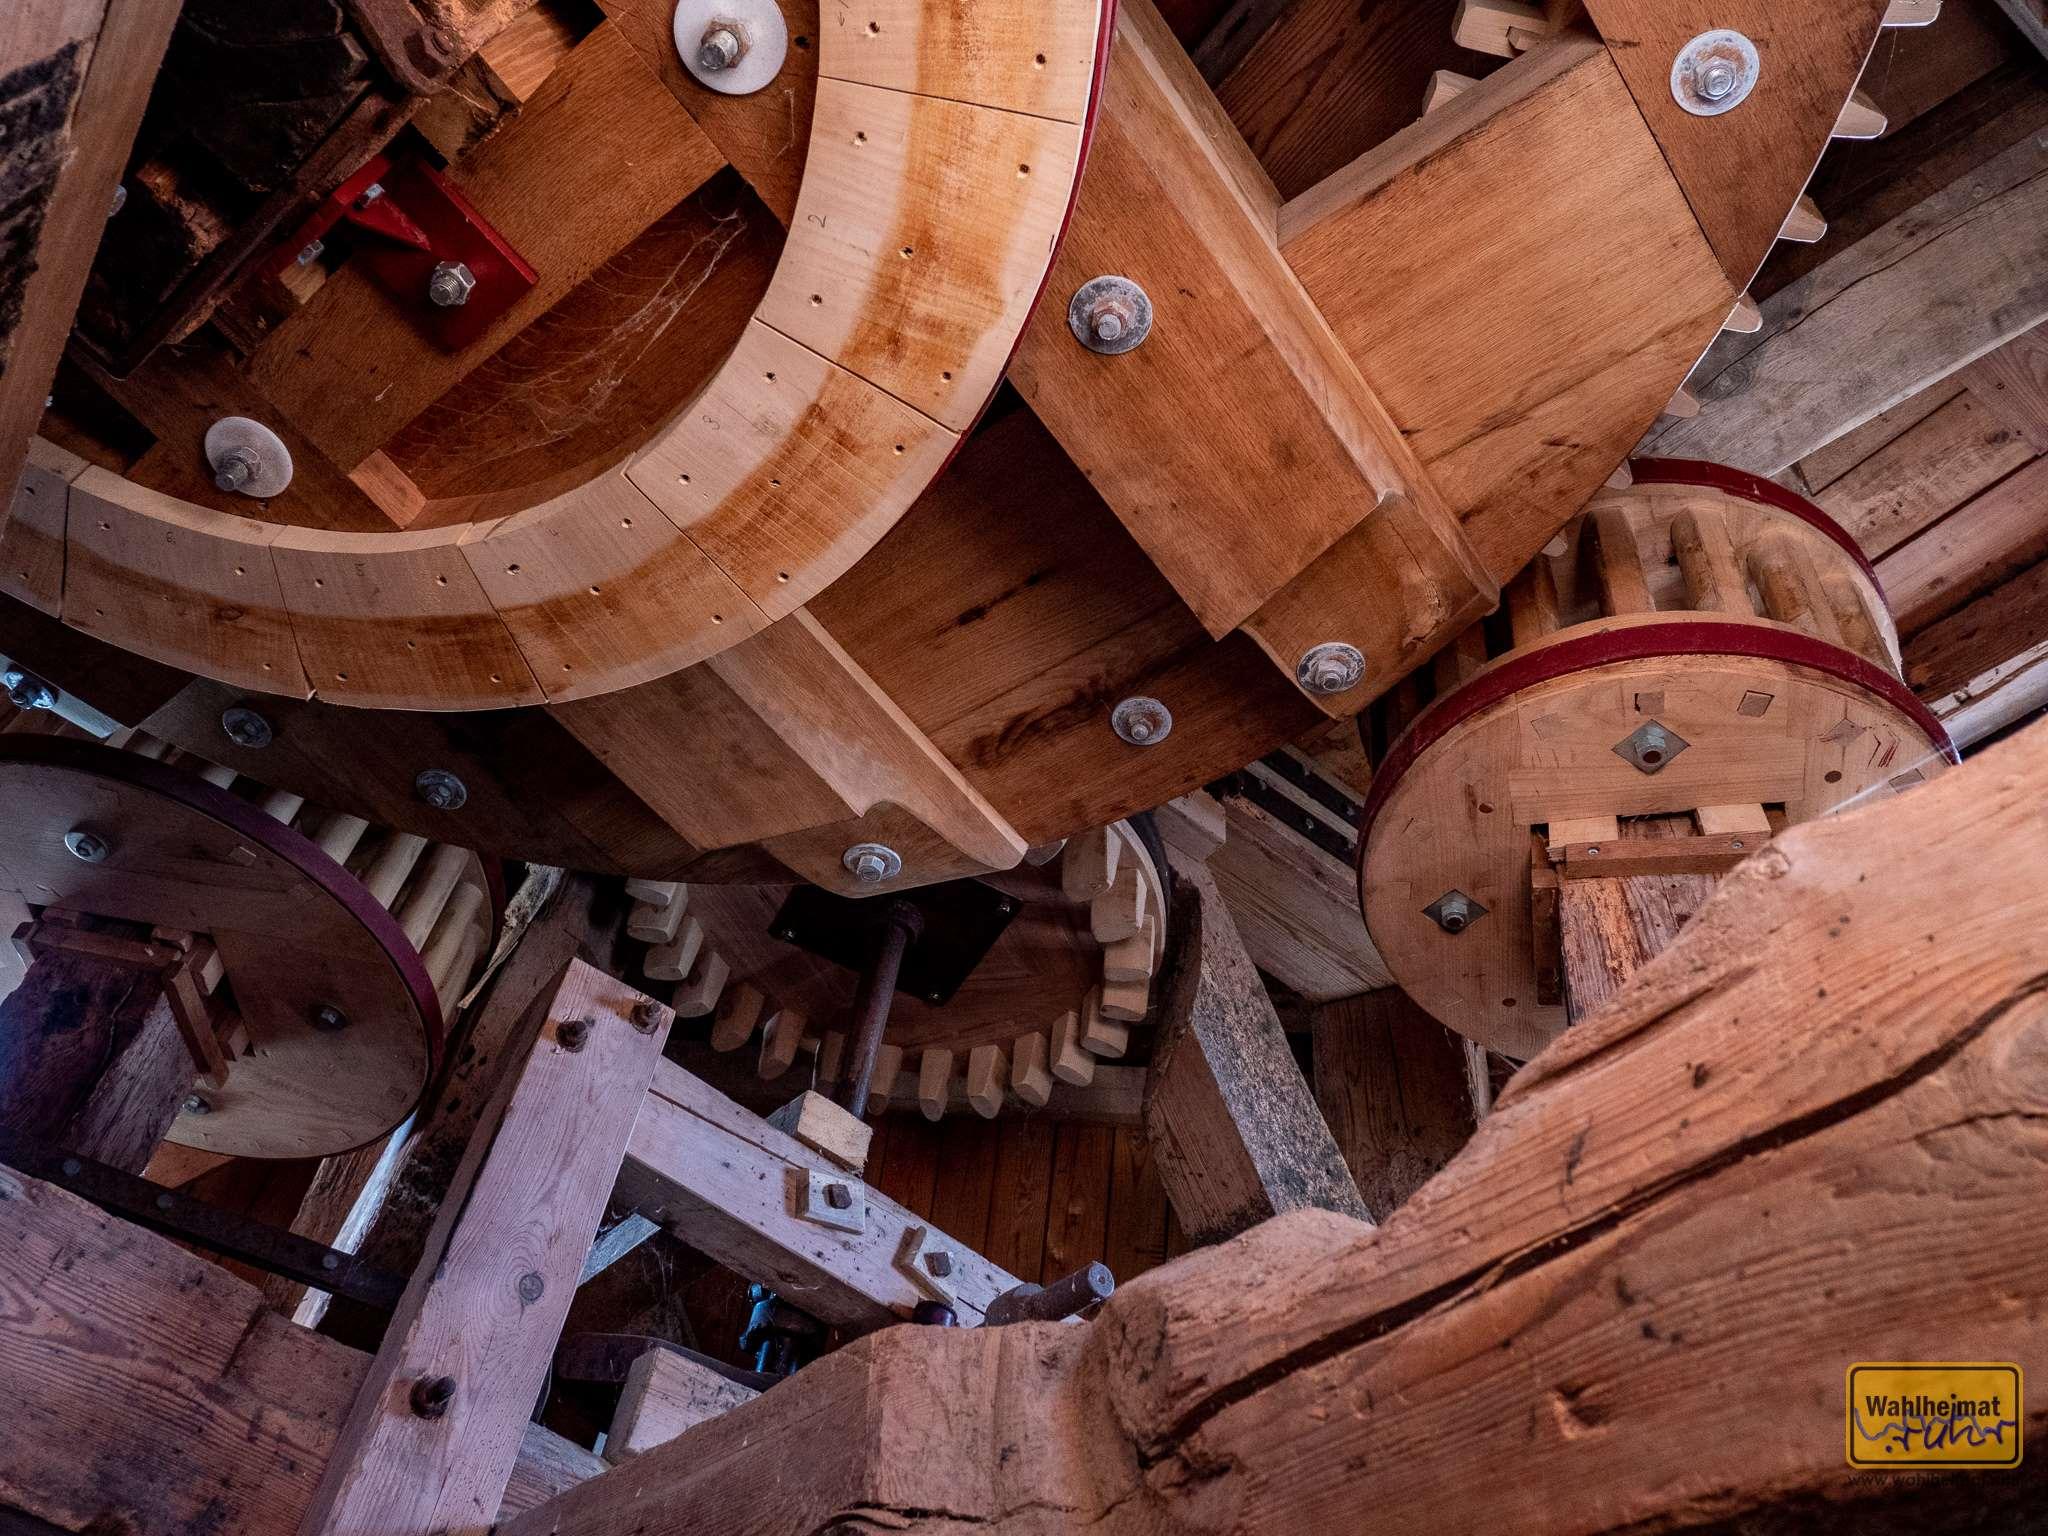 Die Mühle steht tagsüber für Besichtigungen offen.